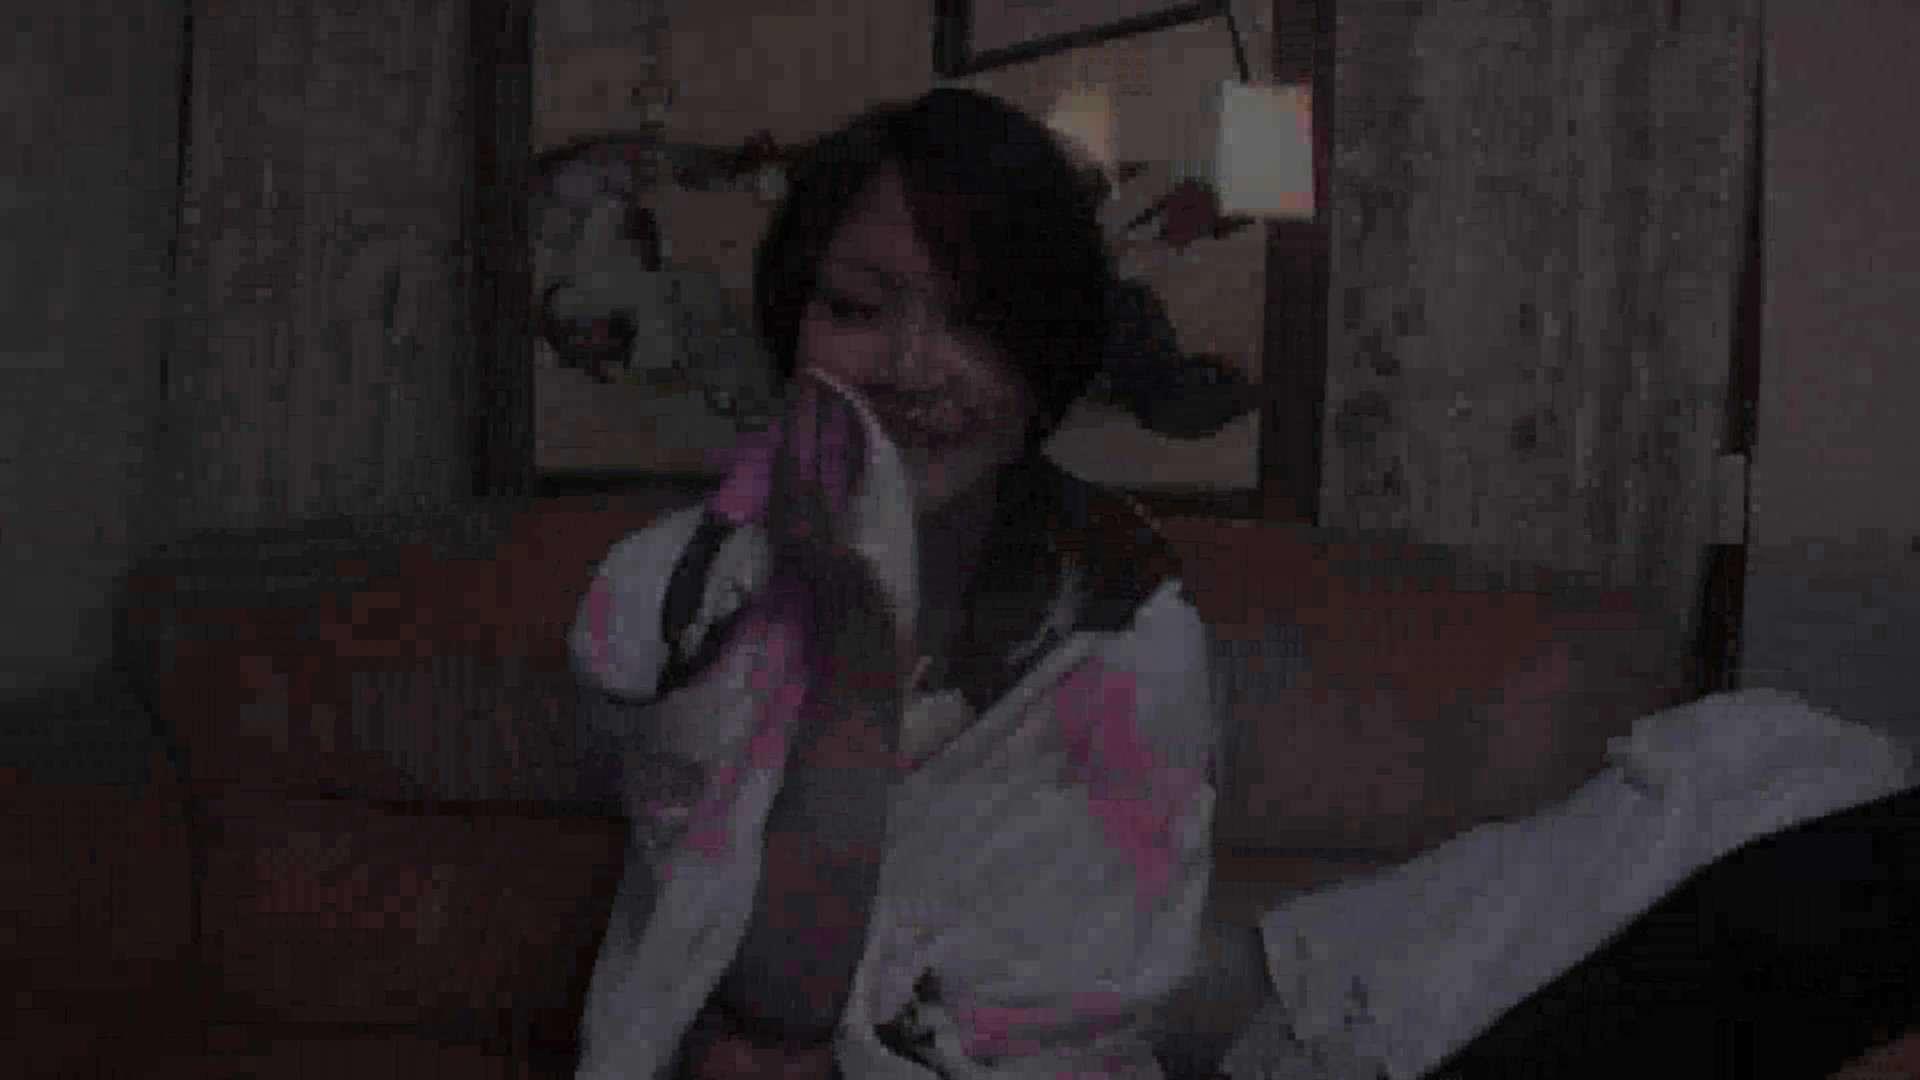 鬼才沖本監督 軽い気持ちで来てしまった女 フェラ動画  109画像 55